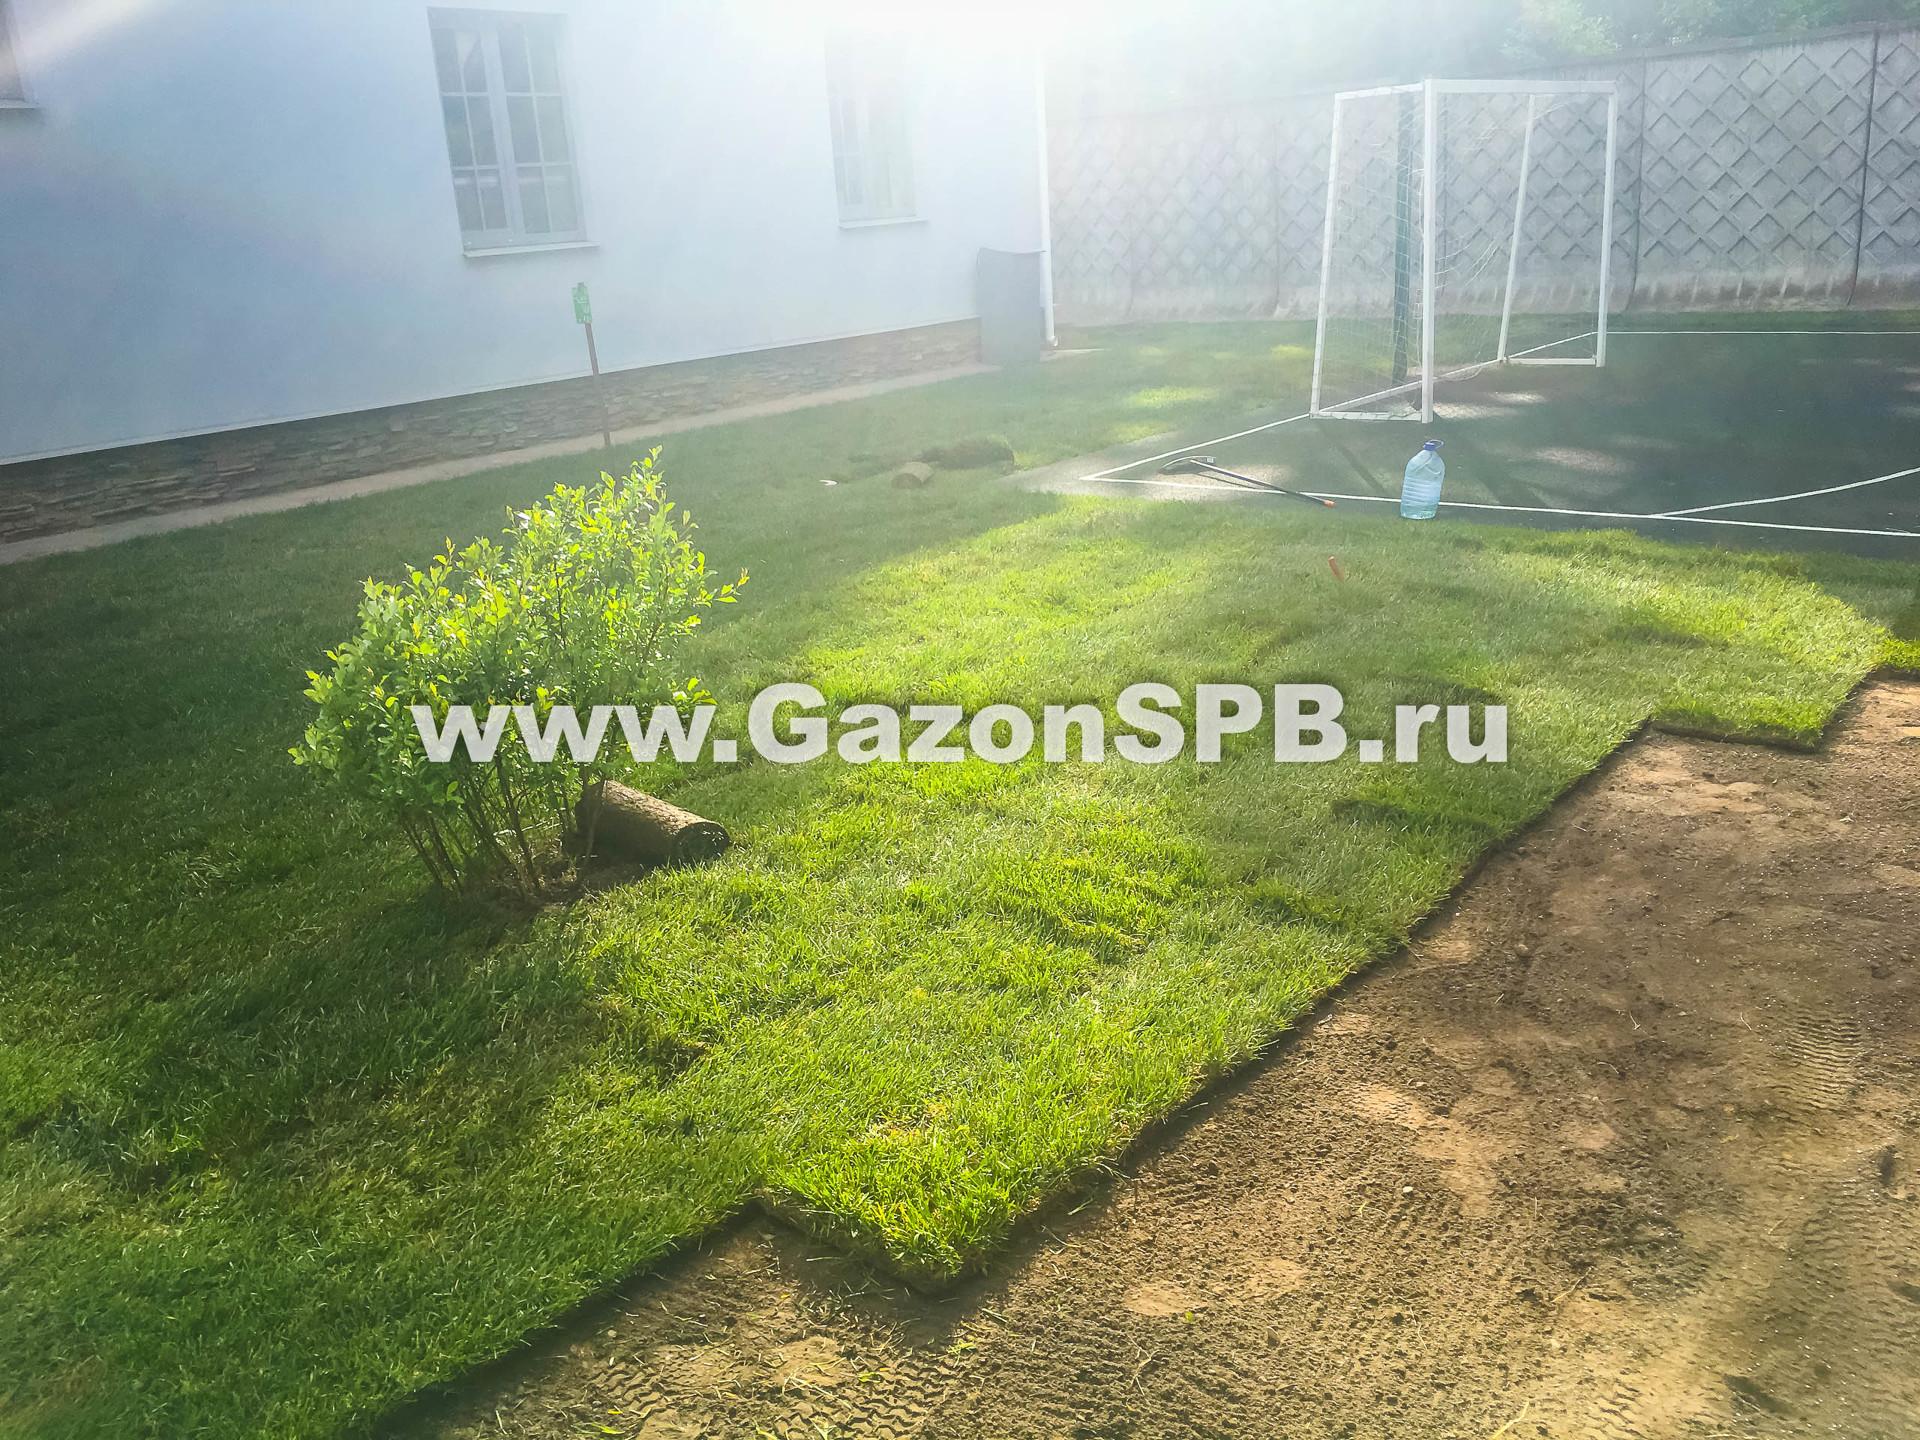 Укладка рулонного газона в г. Зеленогорск